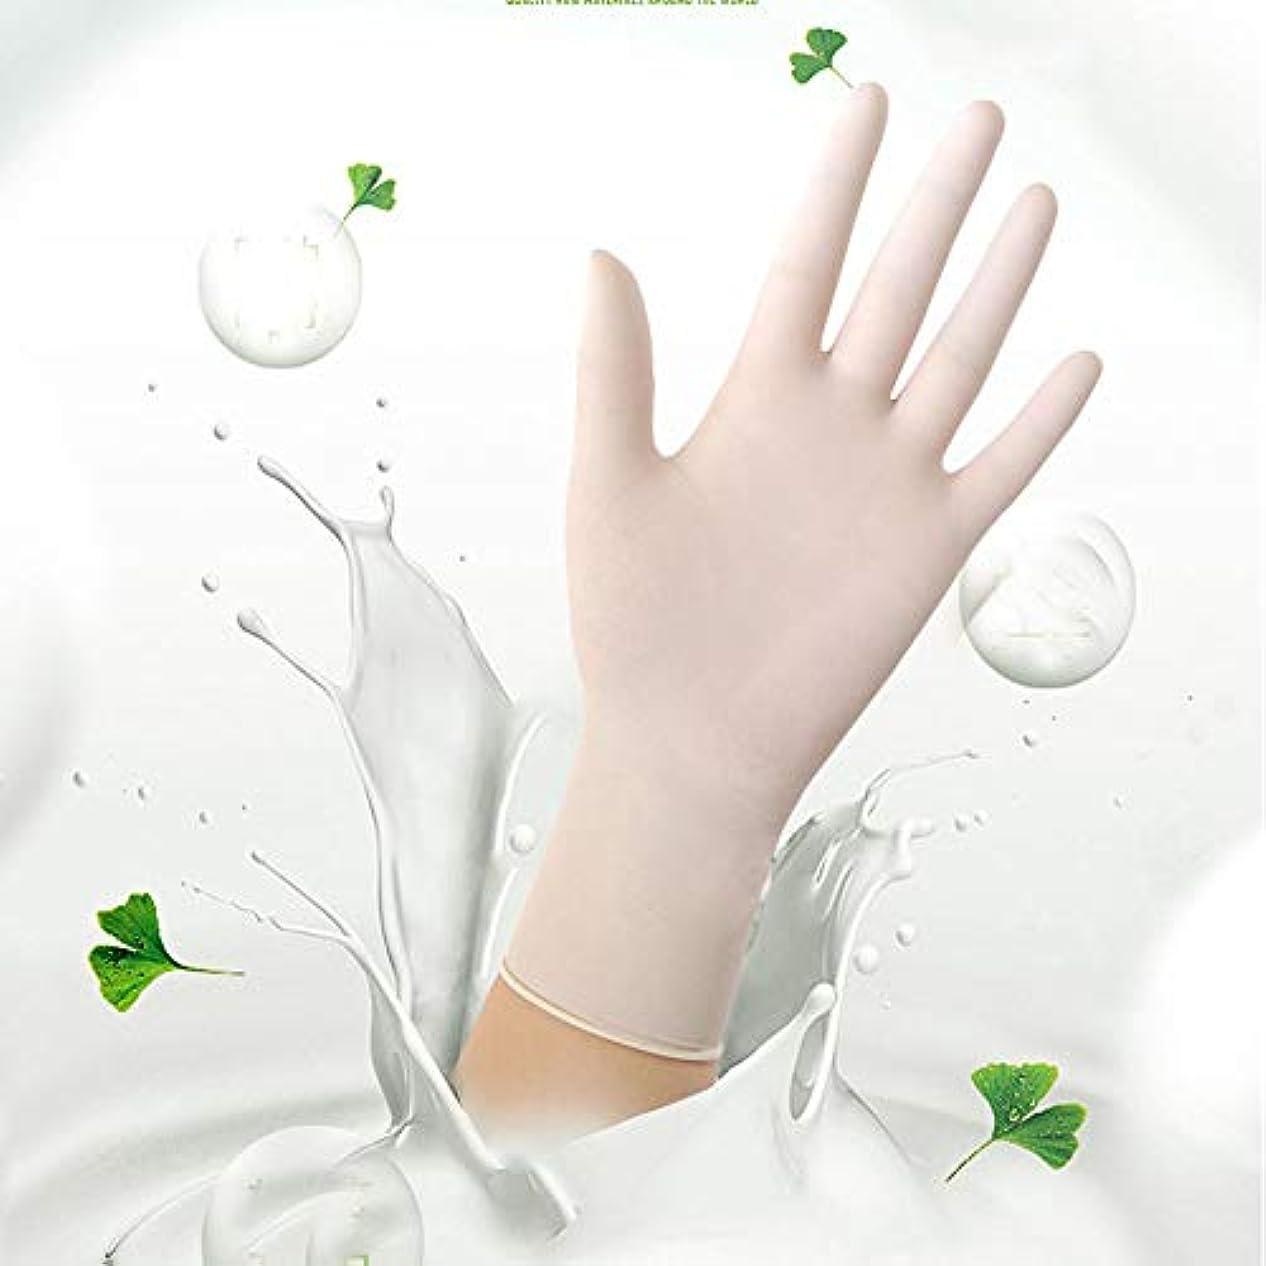 エンジニアリングフックあなたはニトリル検査用手袋 - 医療用グレード、パウダーフリー、ラテックスラバーフリー、使い捨て、非滅菌、食品安全、インディゴ色、100カウント、サイズS-L (Color : White, Size : S)